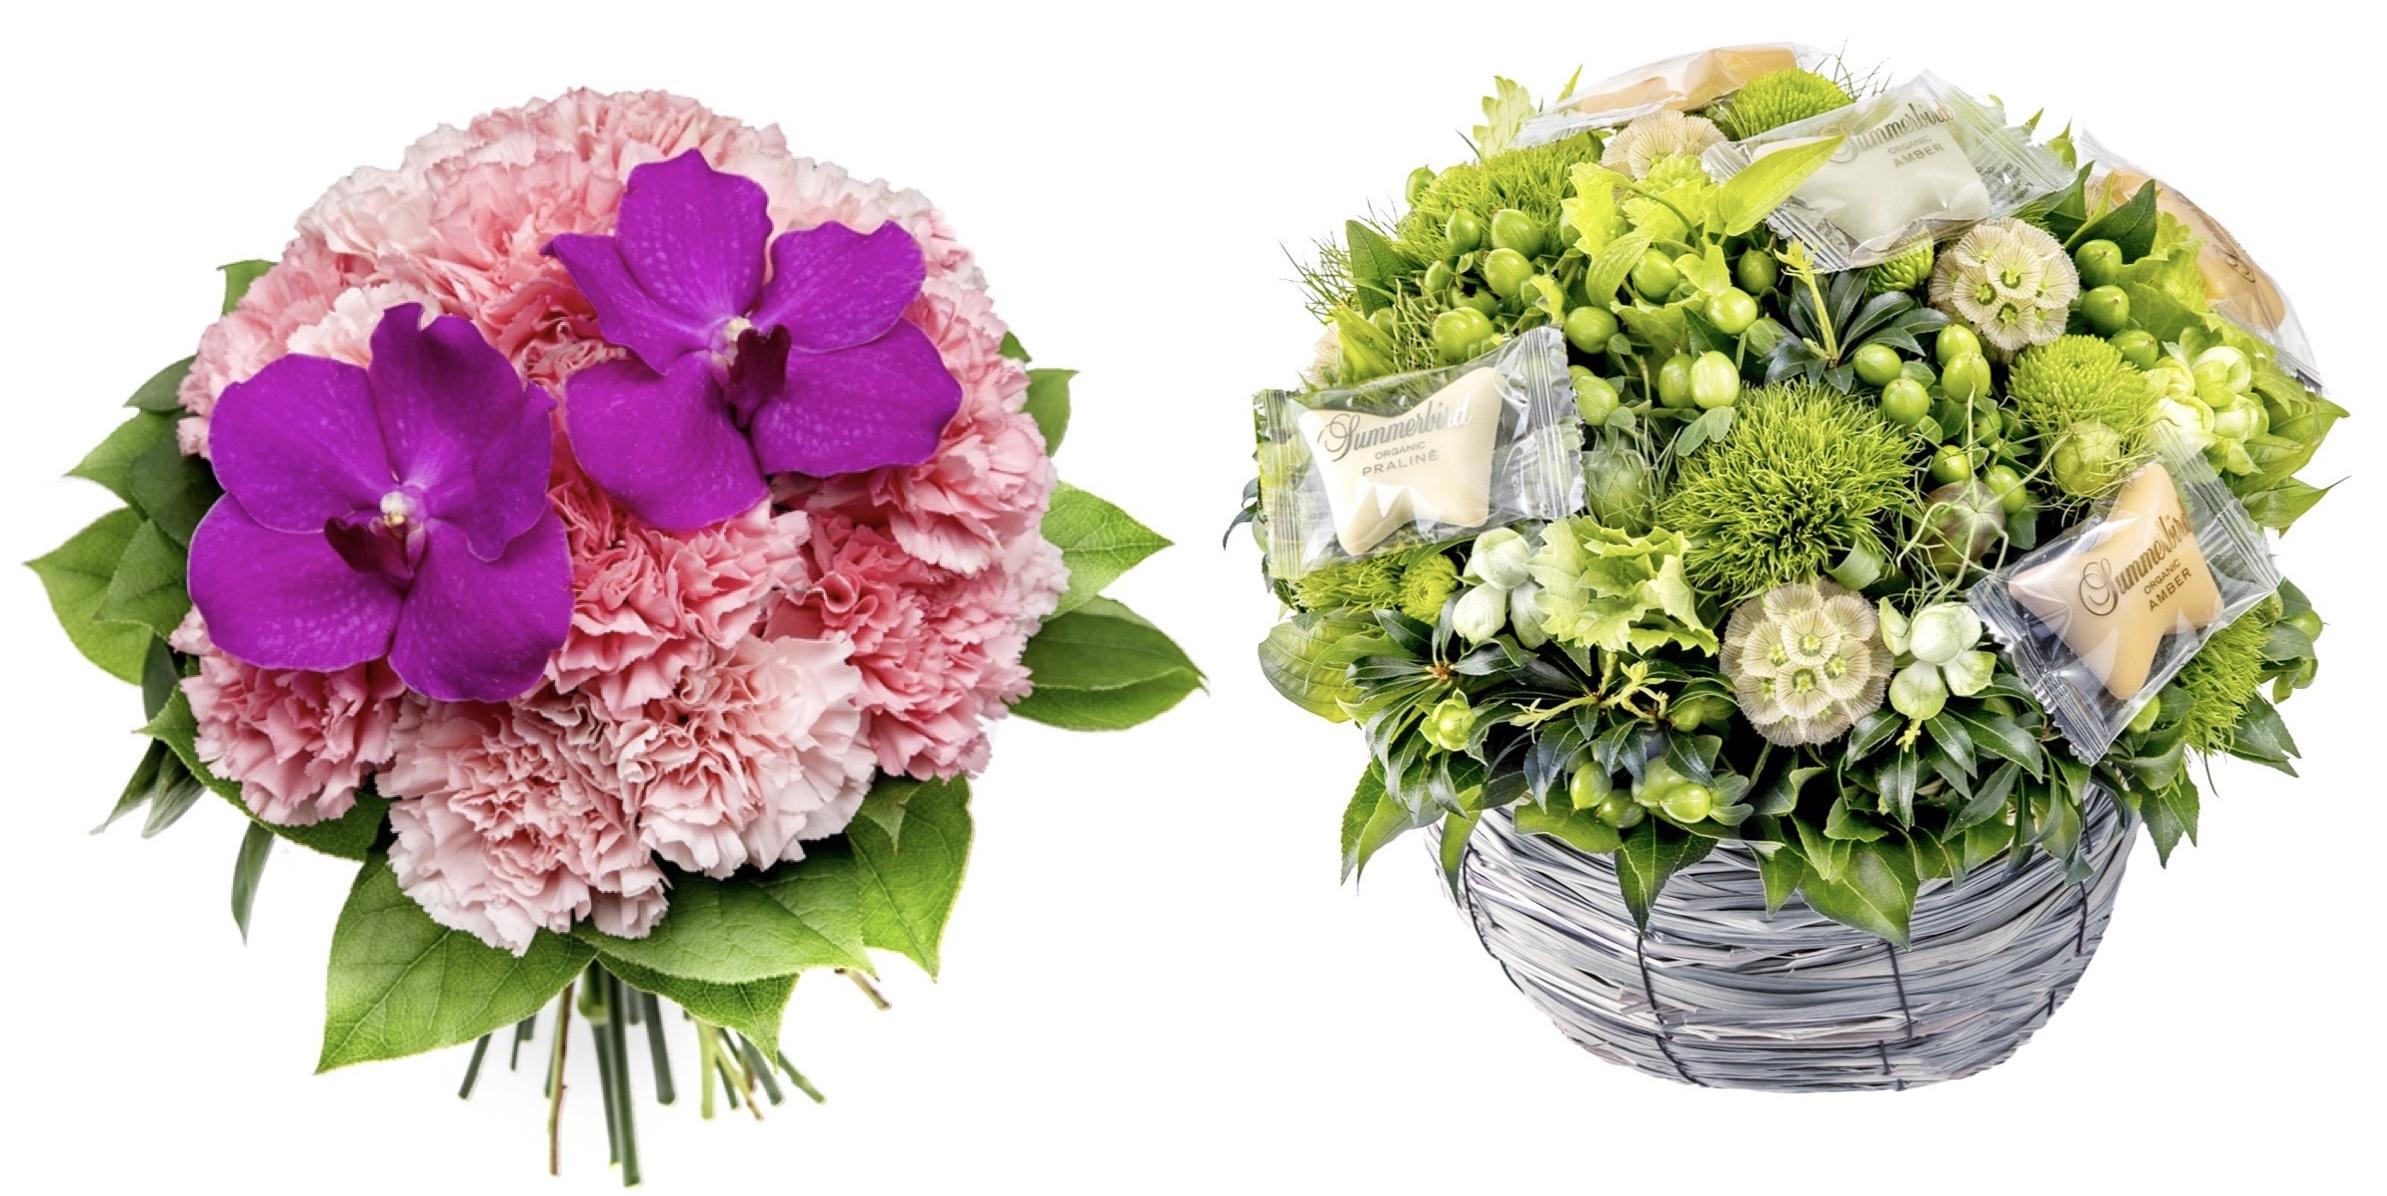 お母さんに気持ちも花やぐビビッドピンクを贈ろう♡ 『ニコライ バーグマン』母の日限定フラワーボックス発売中!PhotoGallery_1_1